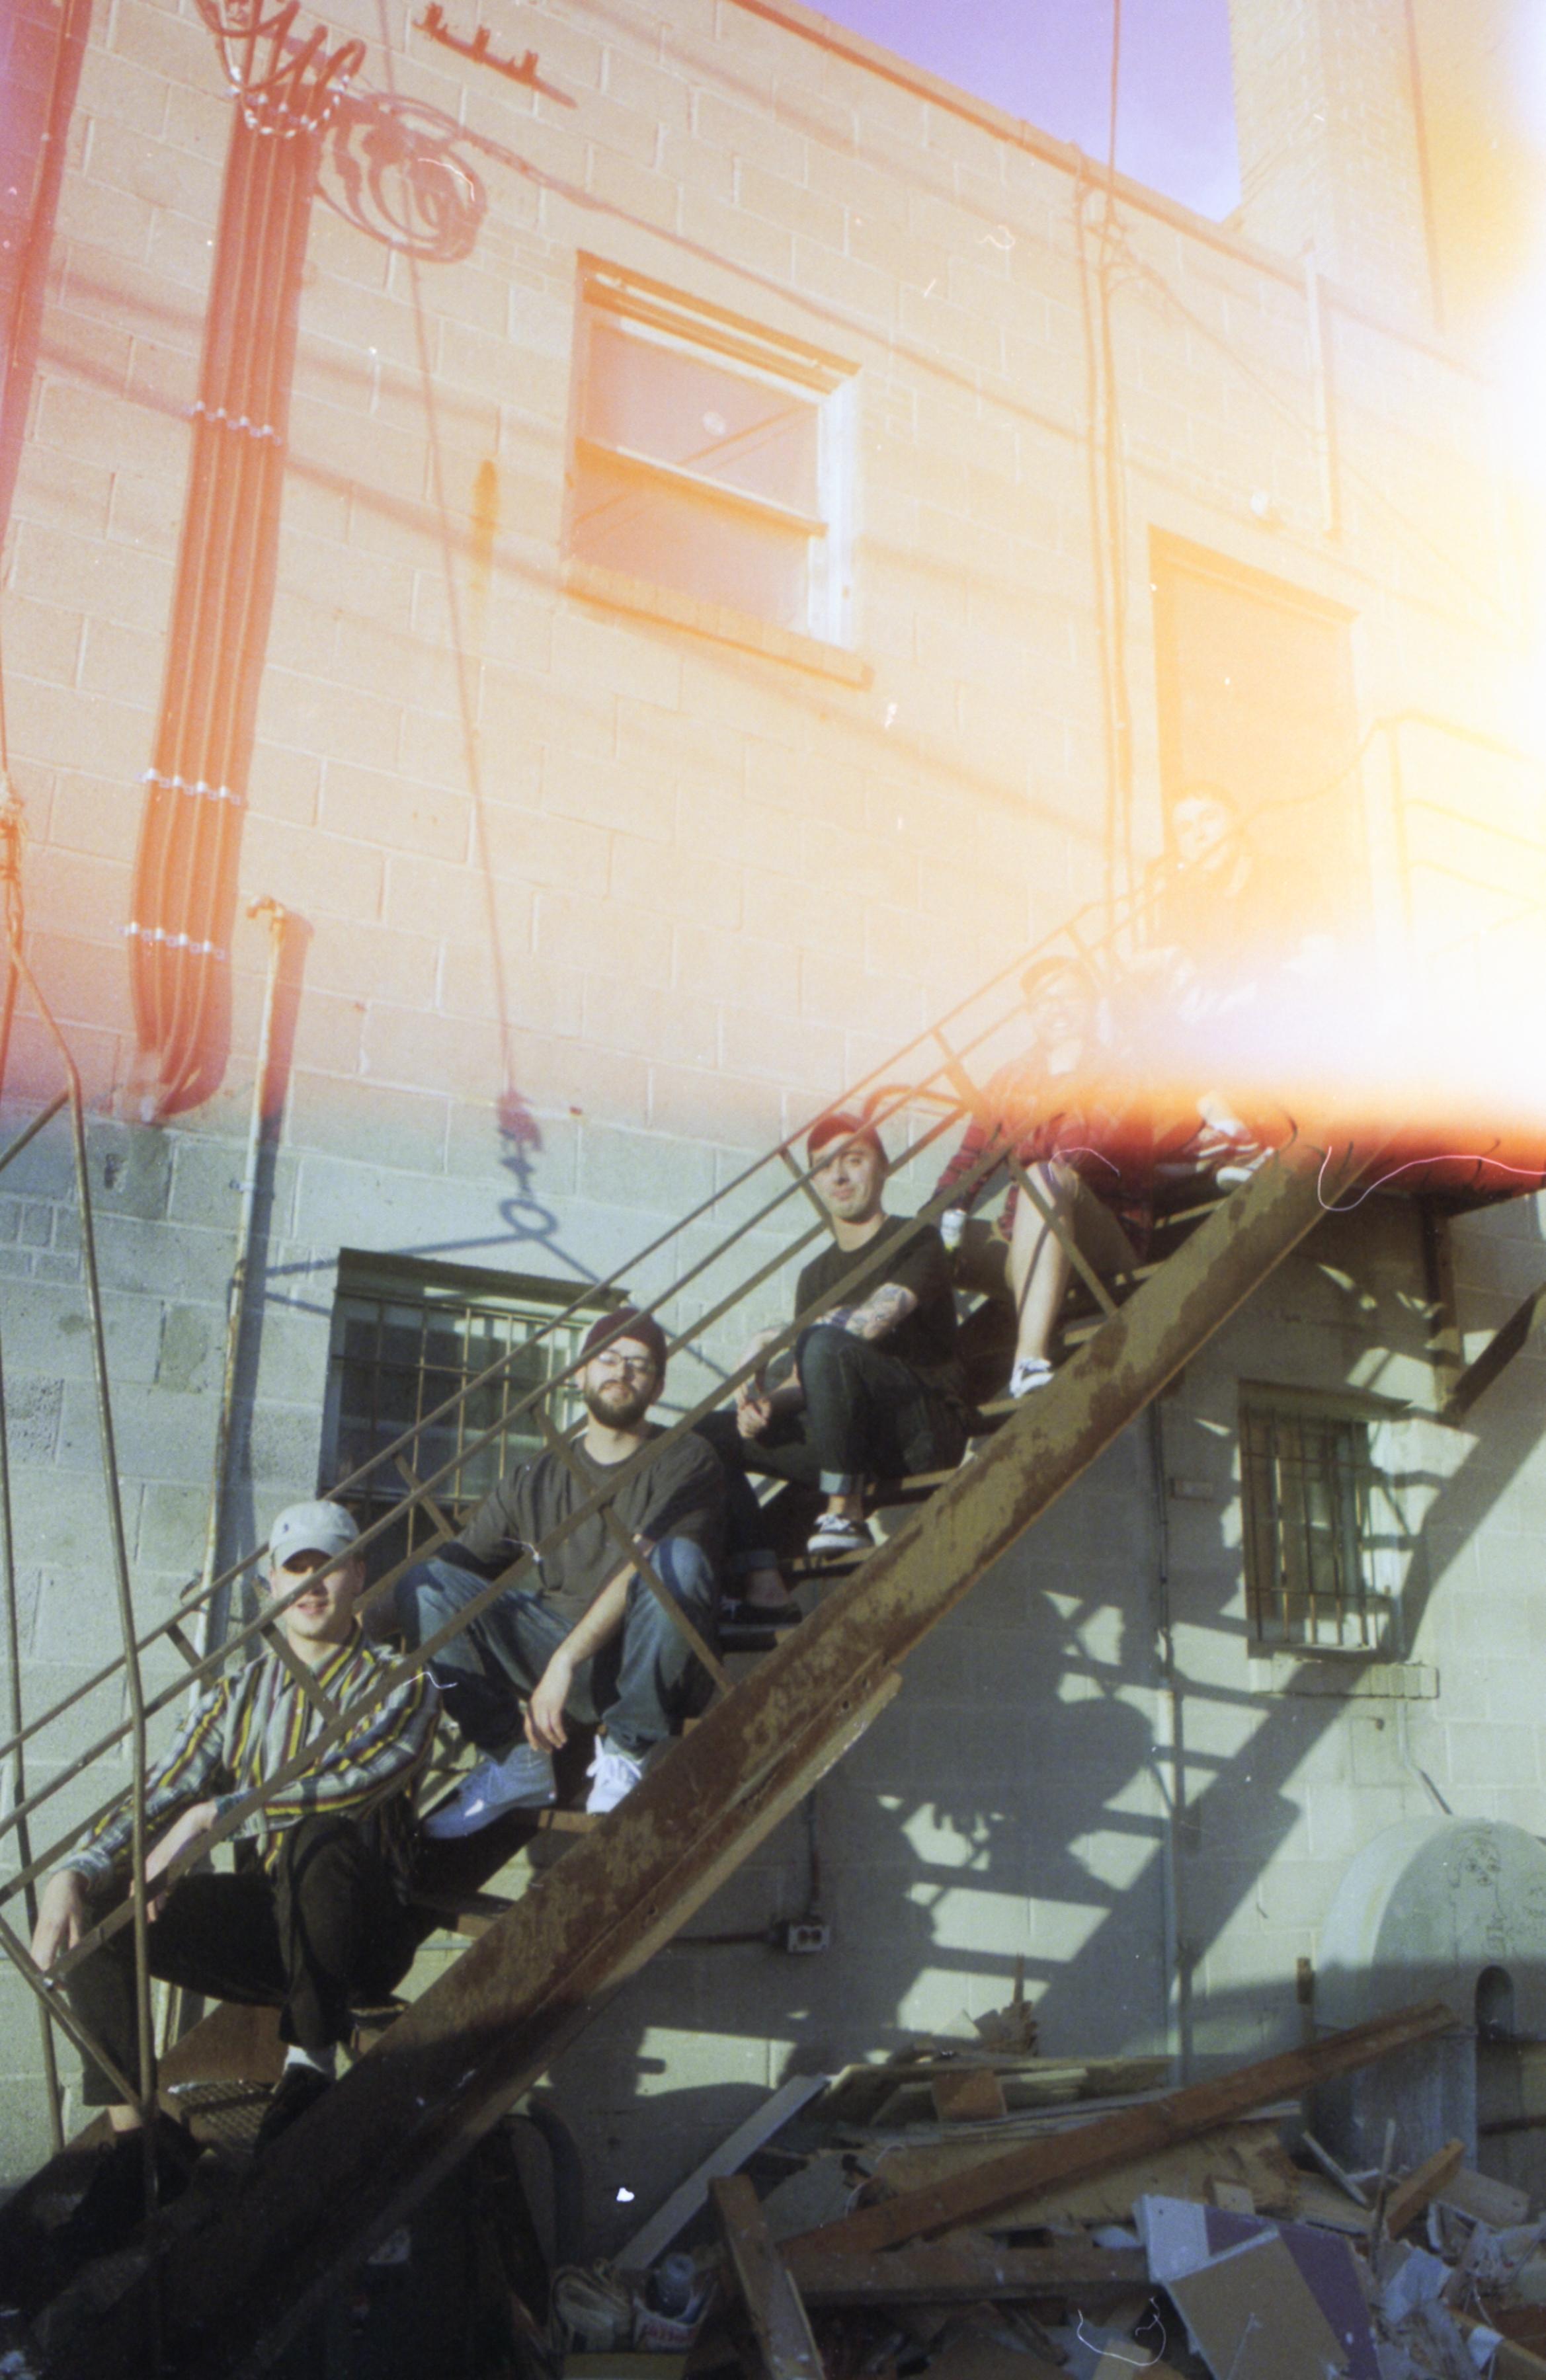 Sit Calm - 35mm film